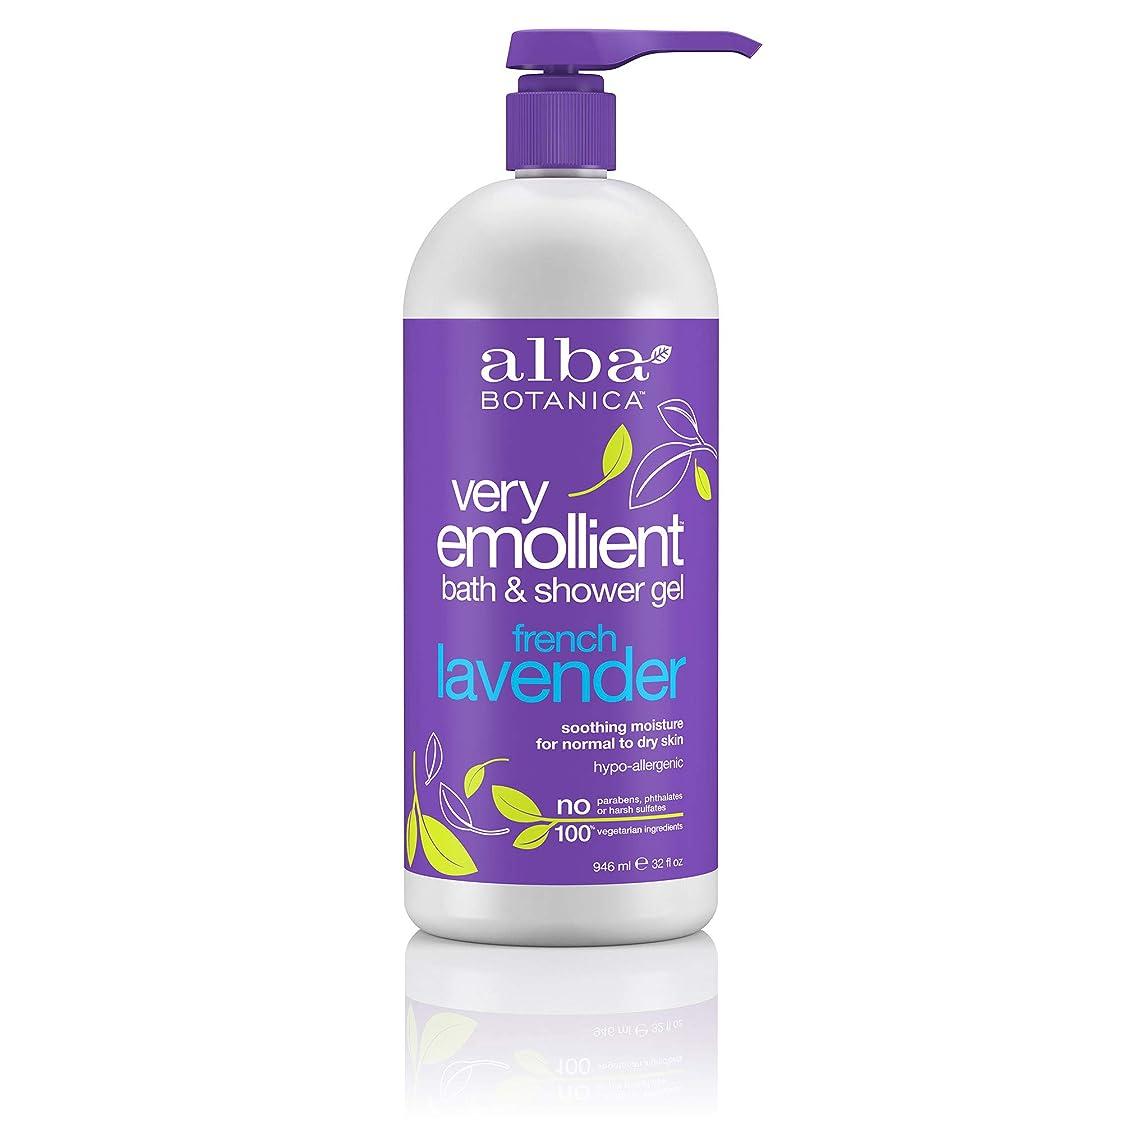 手首朝愛情Alba Botanica, Very Emollient, Bath & Shower Gel, French Lavender, 32 fl oz (950 ml)